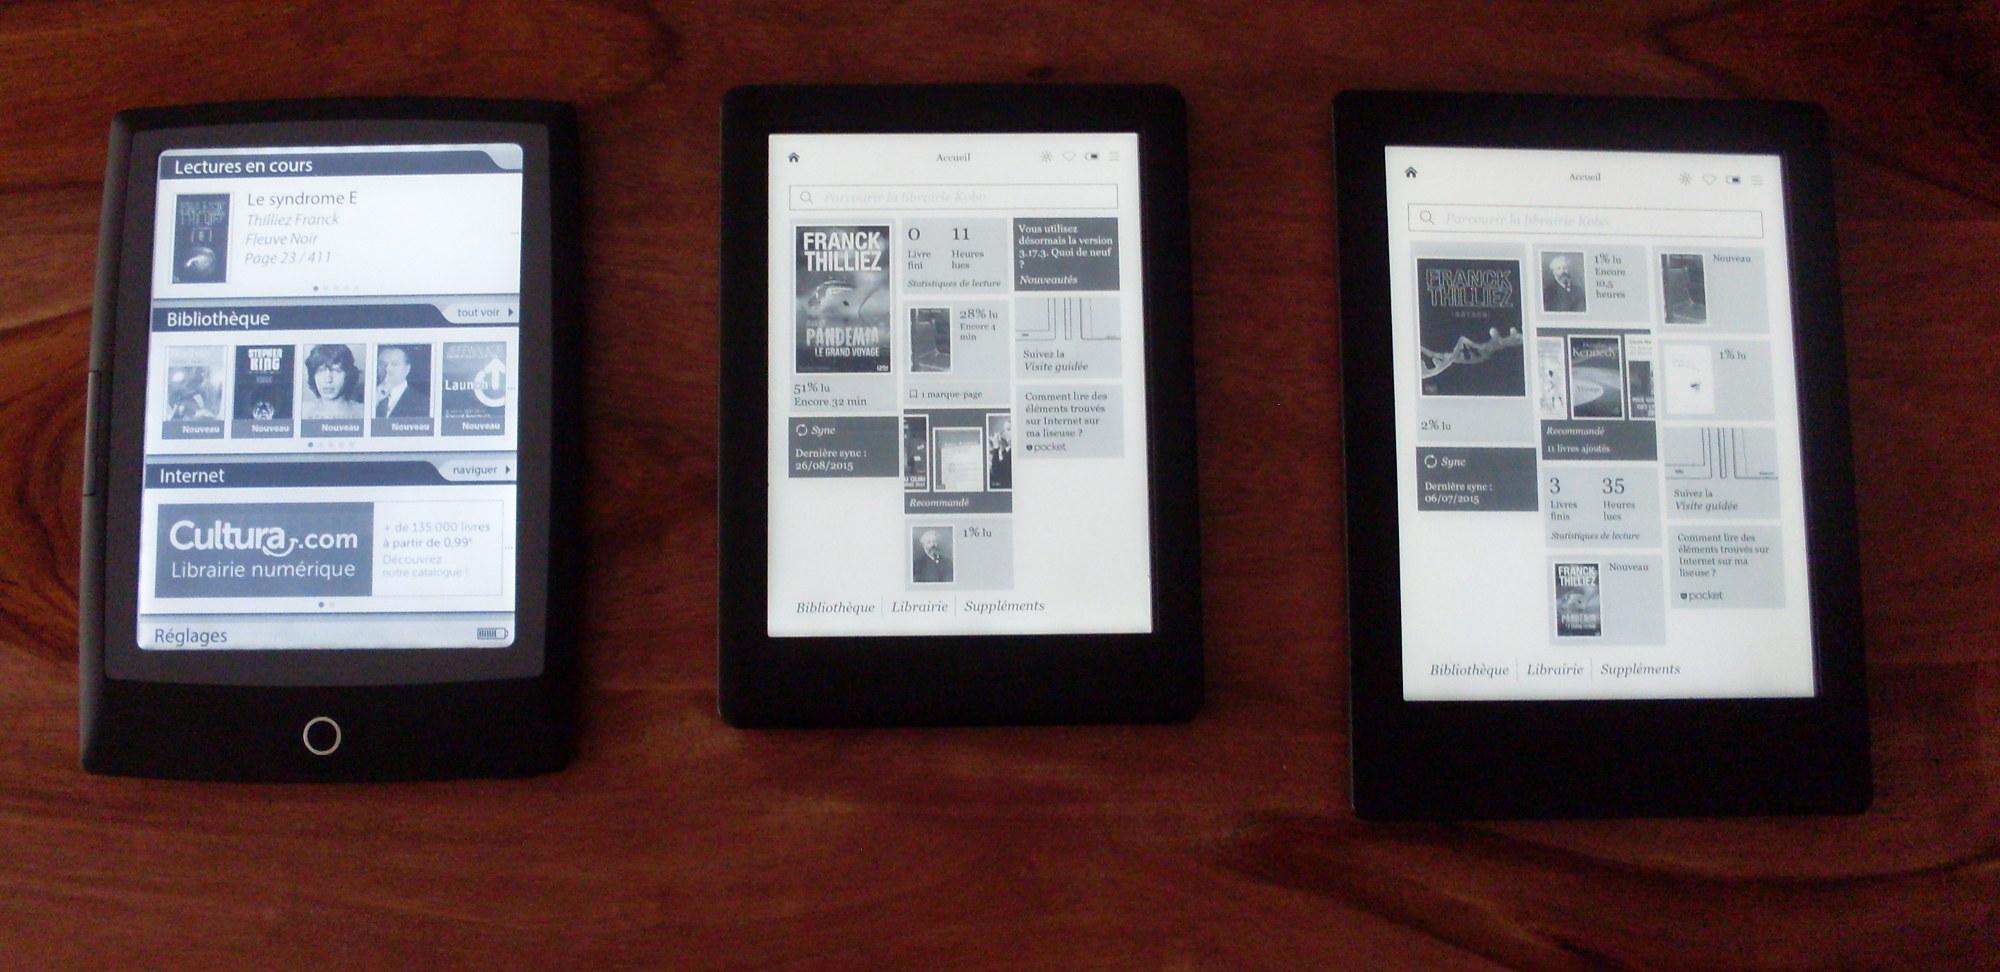 comparaison d'écrans de liseuse